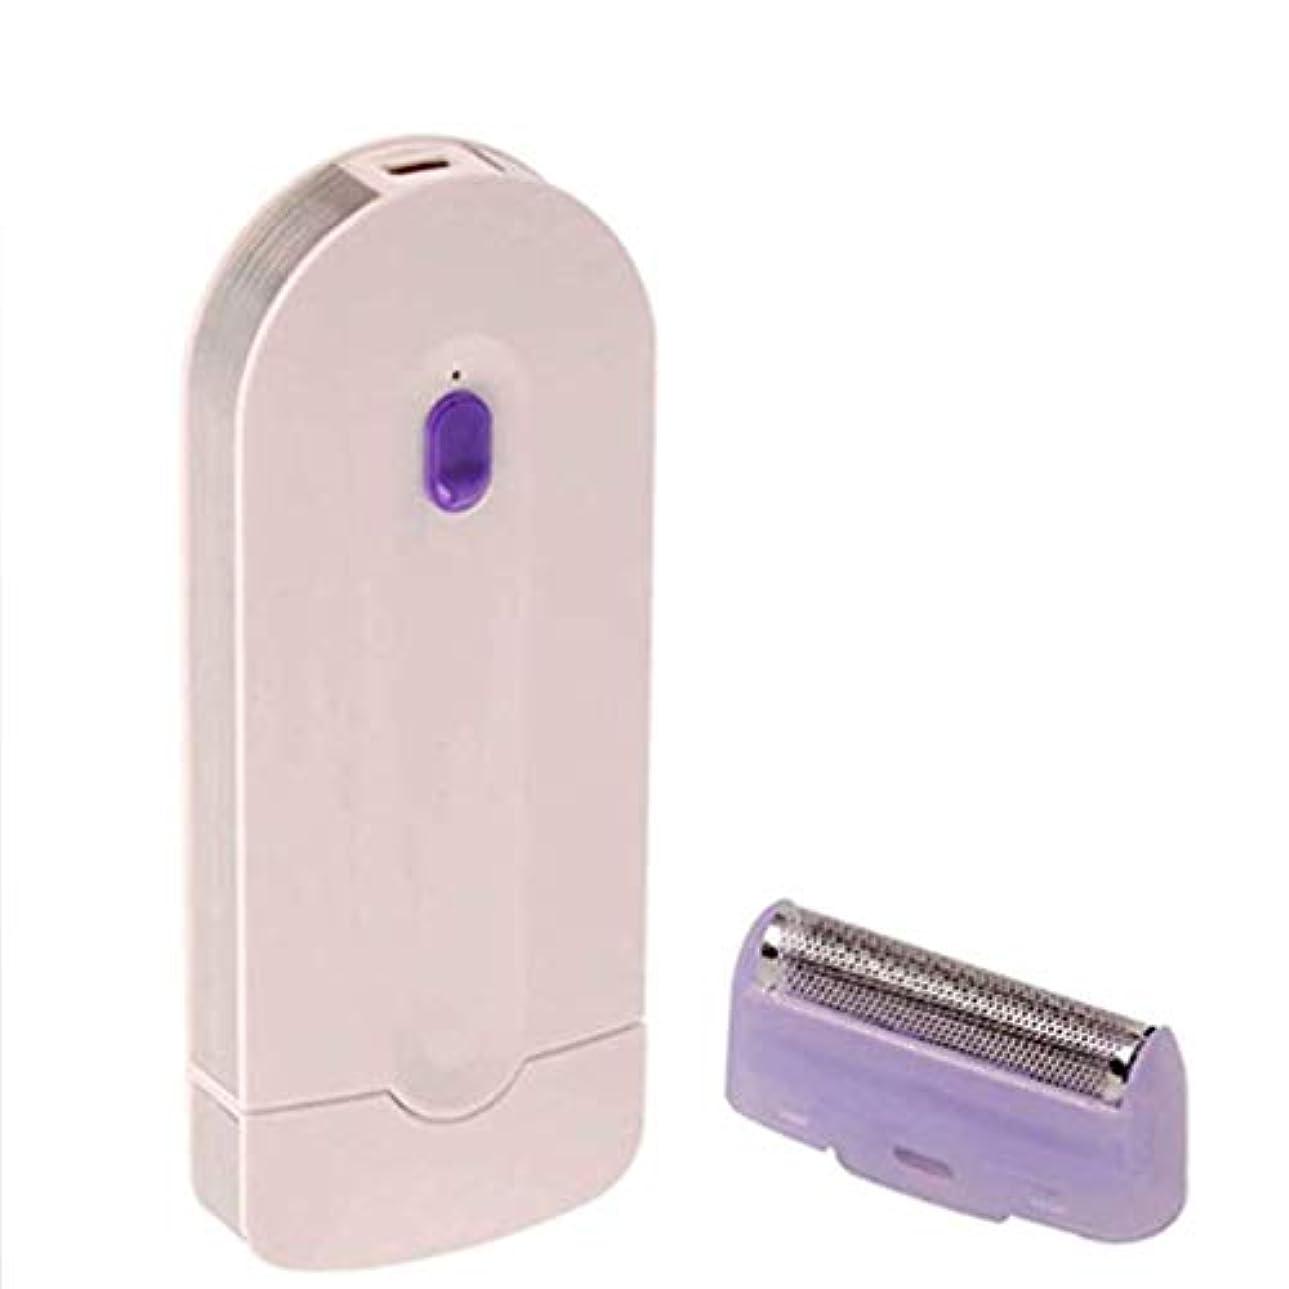 ドールそれ確立します女性のレーザー脱毛装置家庭用、usb電気シェービング髪ボディ脇の下無痛レディースシェーバー脱毛器,A